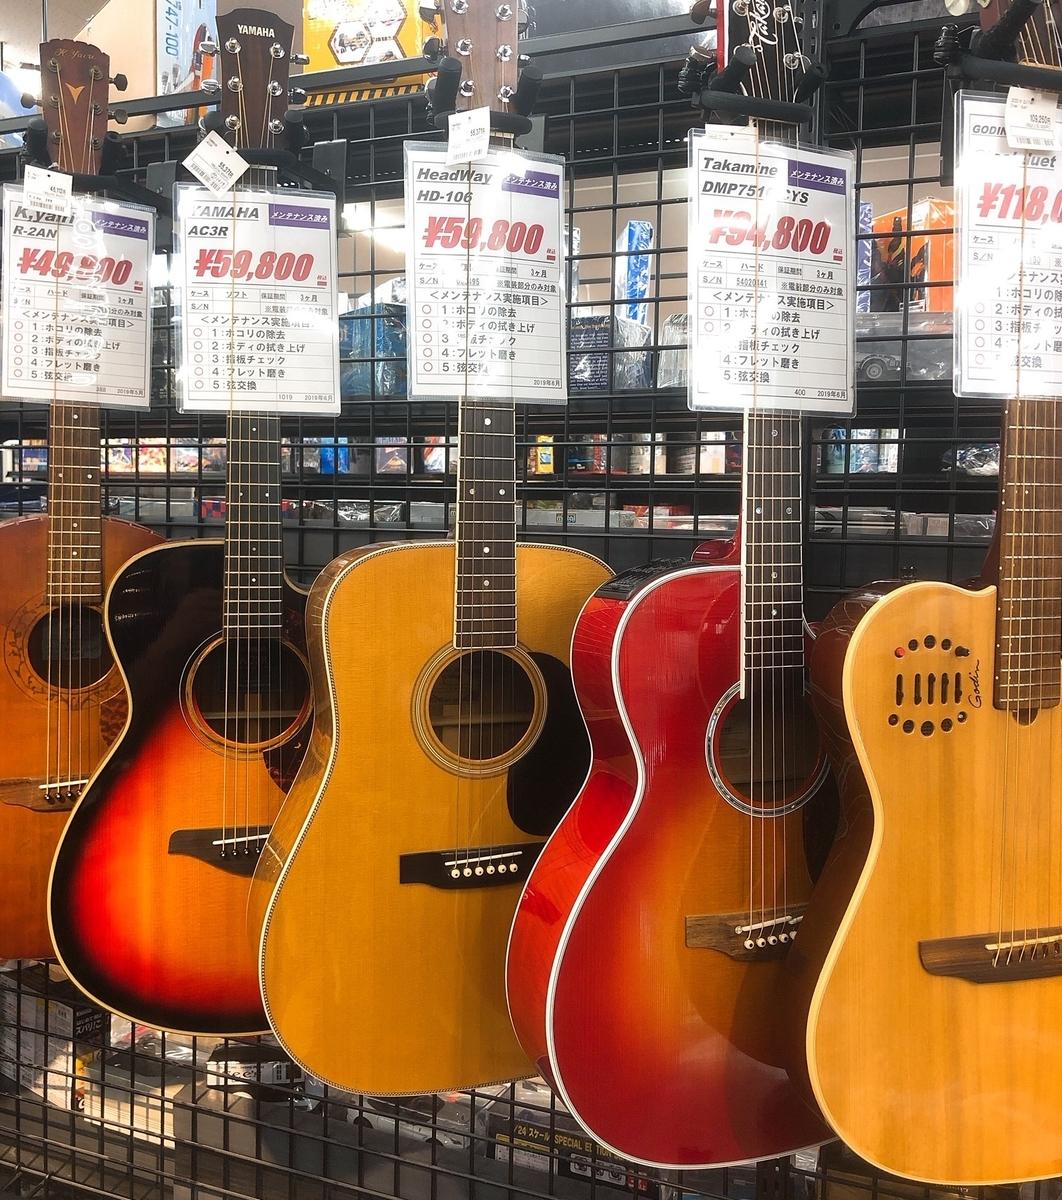 青梅市楽器買取専門店のギター各種